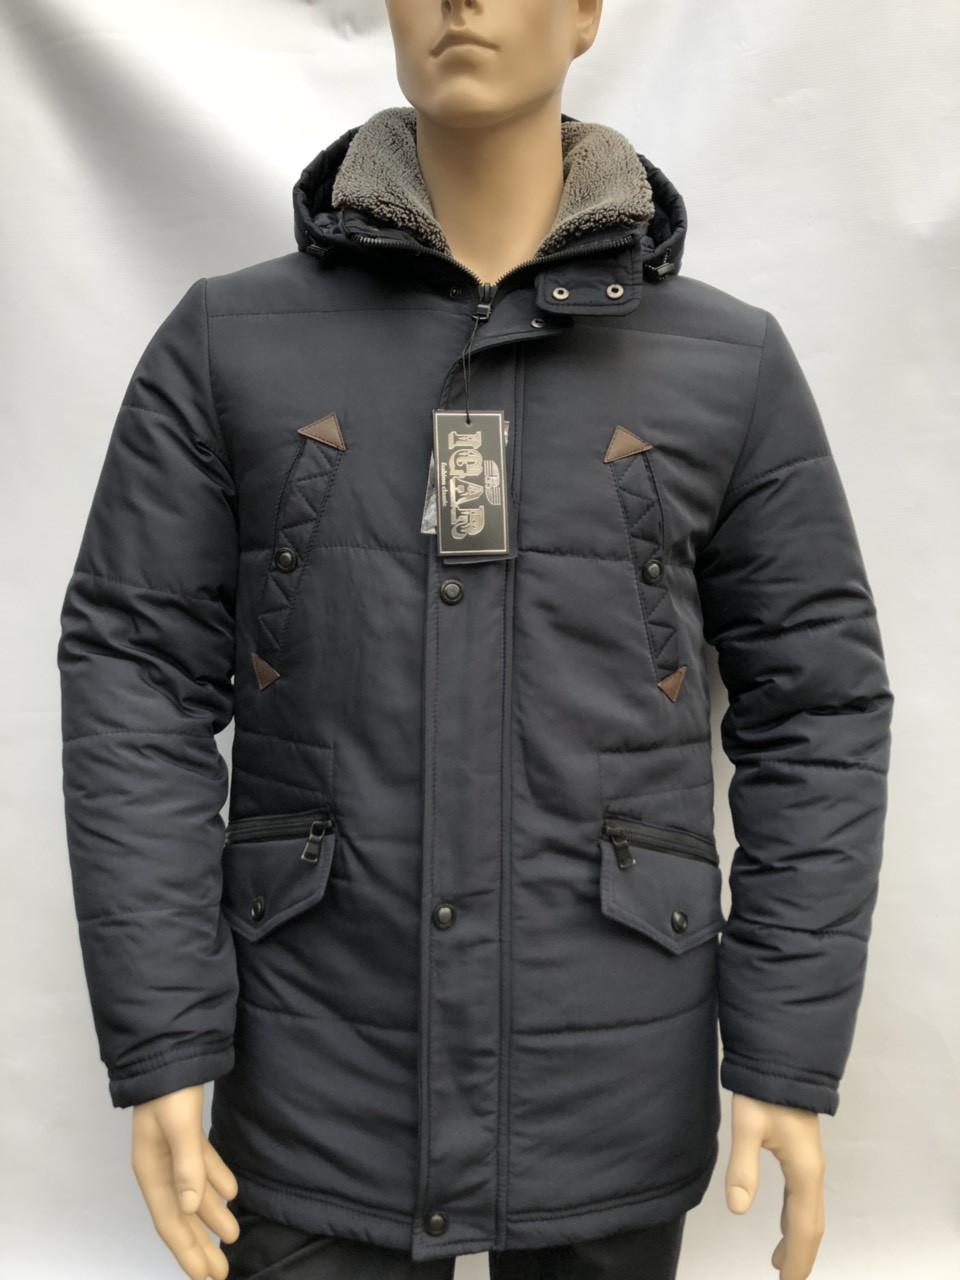 c6f9051225c Зимняя мужская куртка классика  продажа